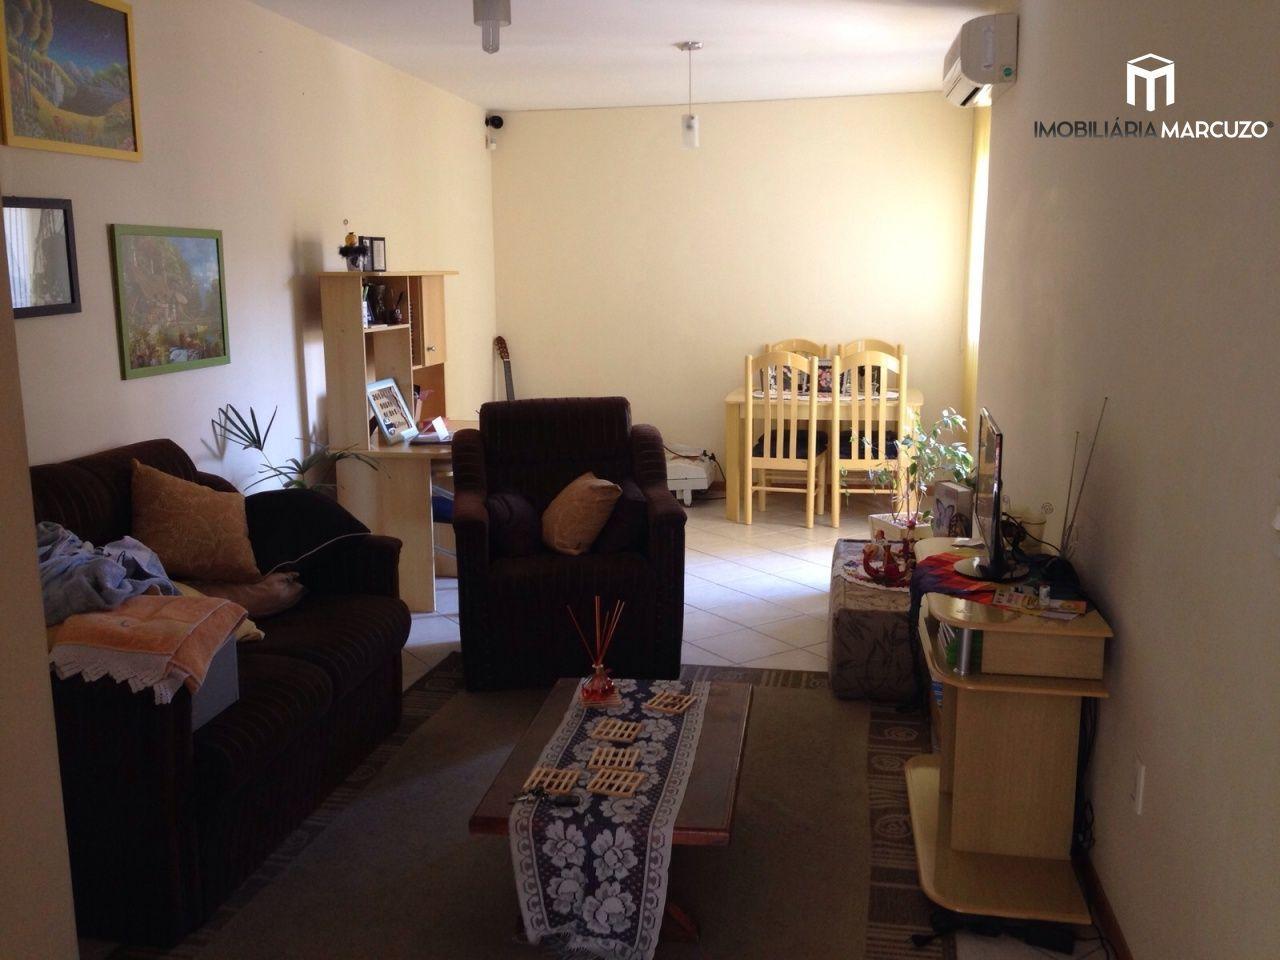 Apartamento com 2 Dormitórios à venda, 74 m² por R$ 300.000,00